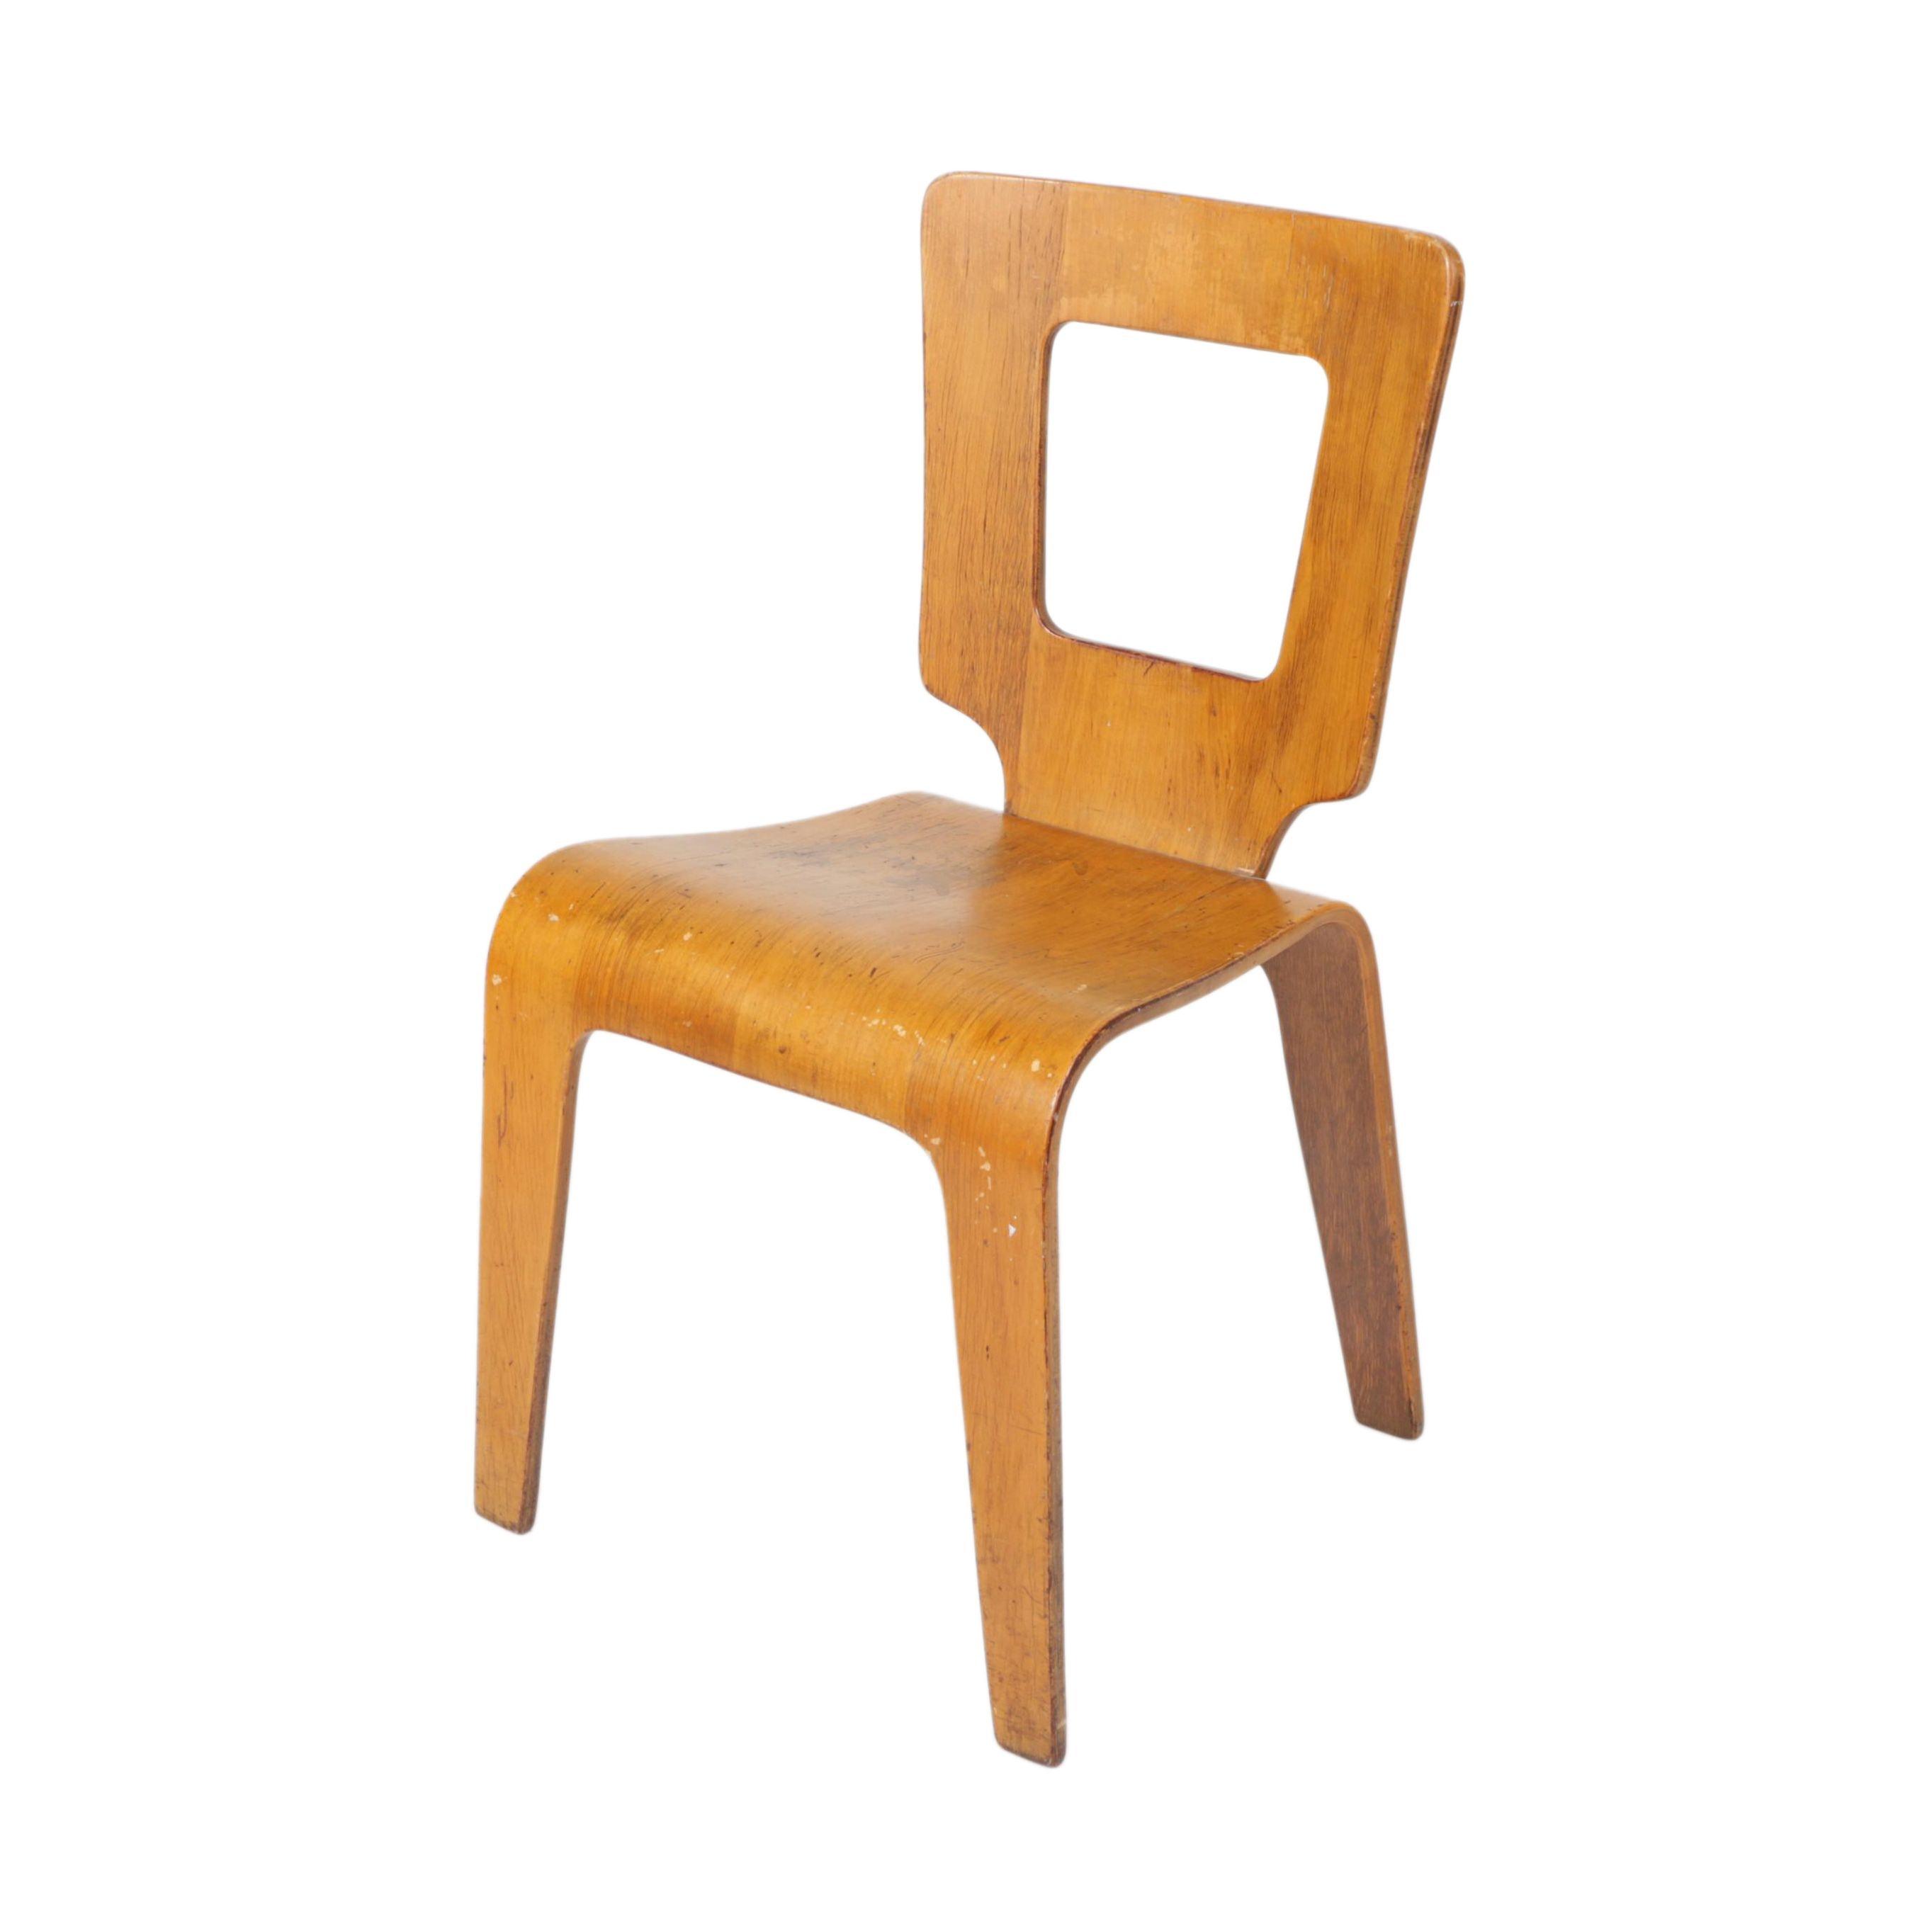 Accent Chair After Thaden-Jordan